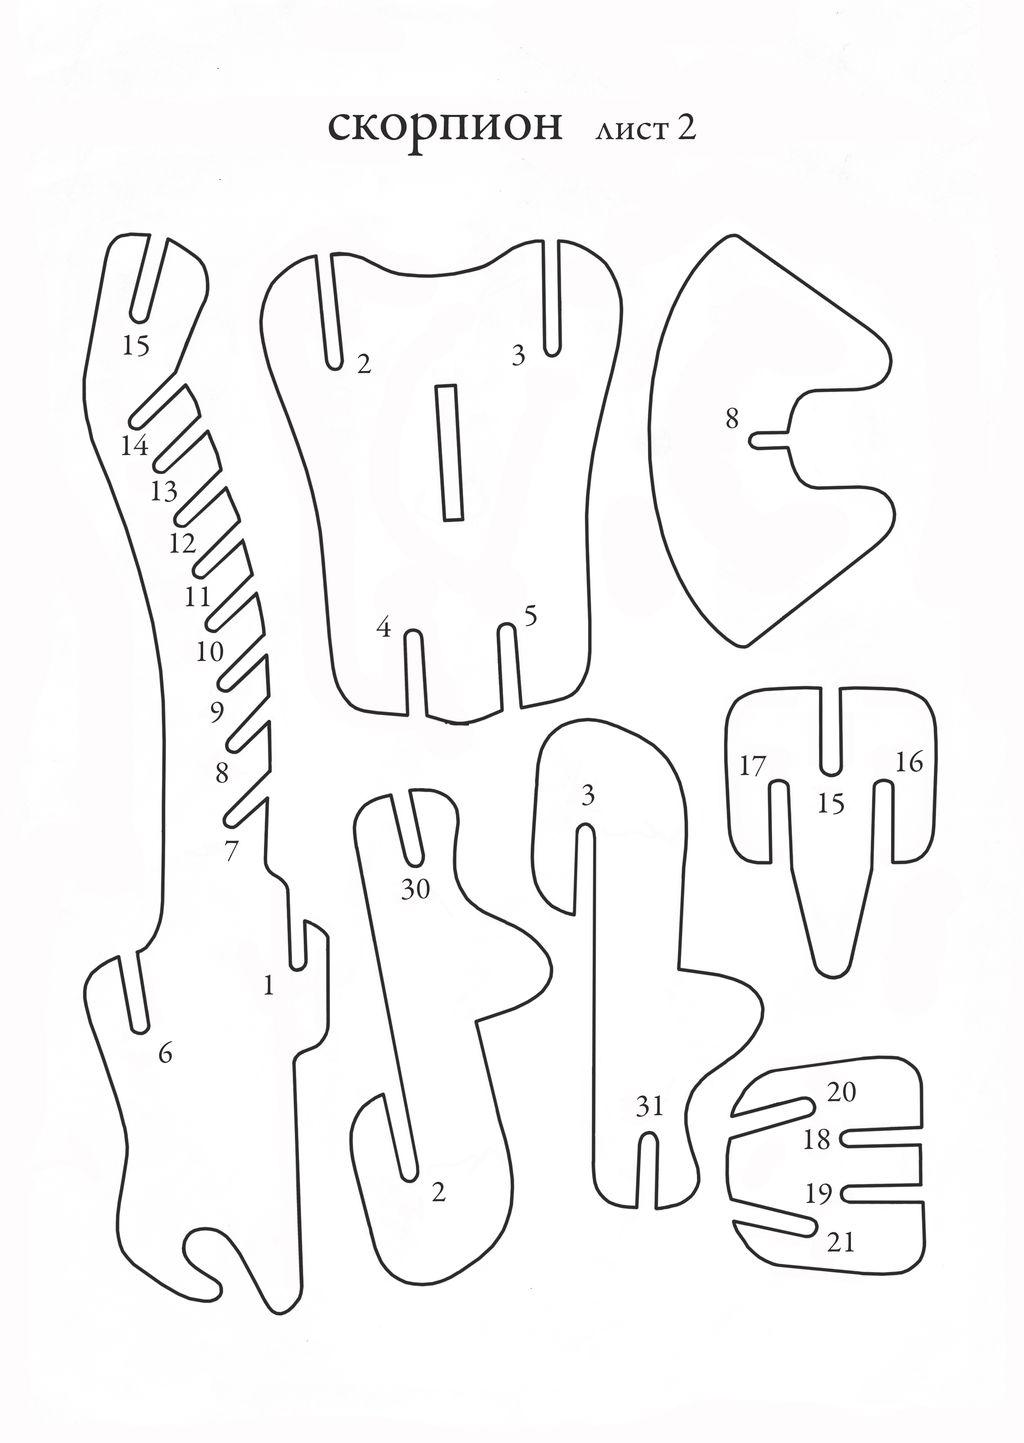 Простой гриндер своими руками чертежи с размерами